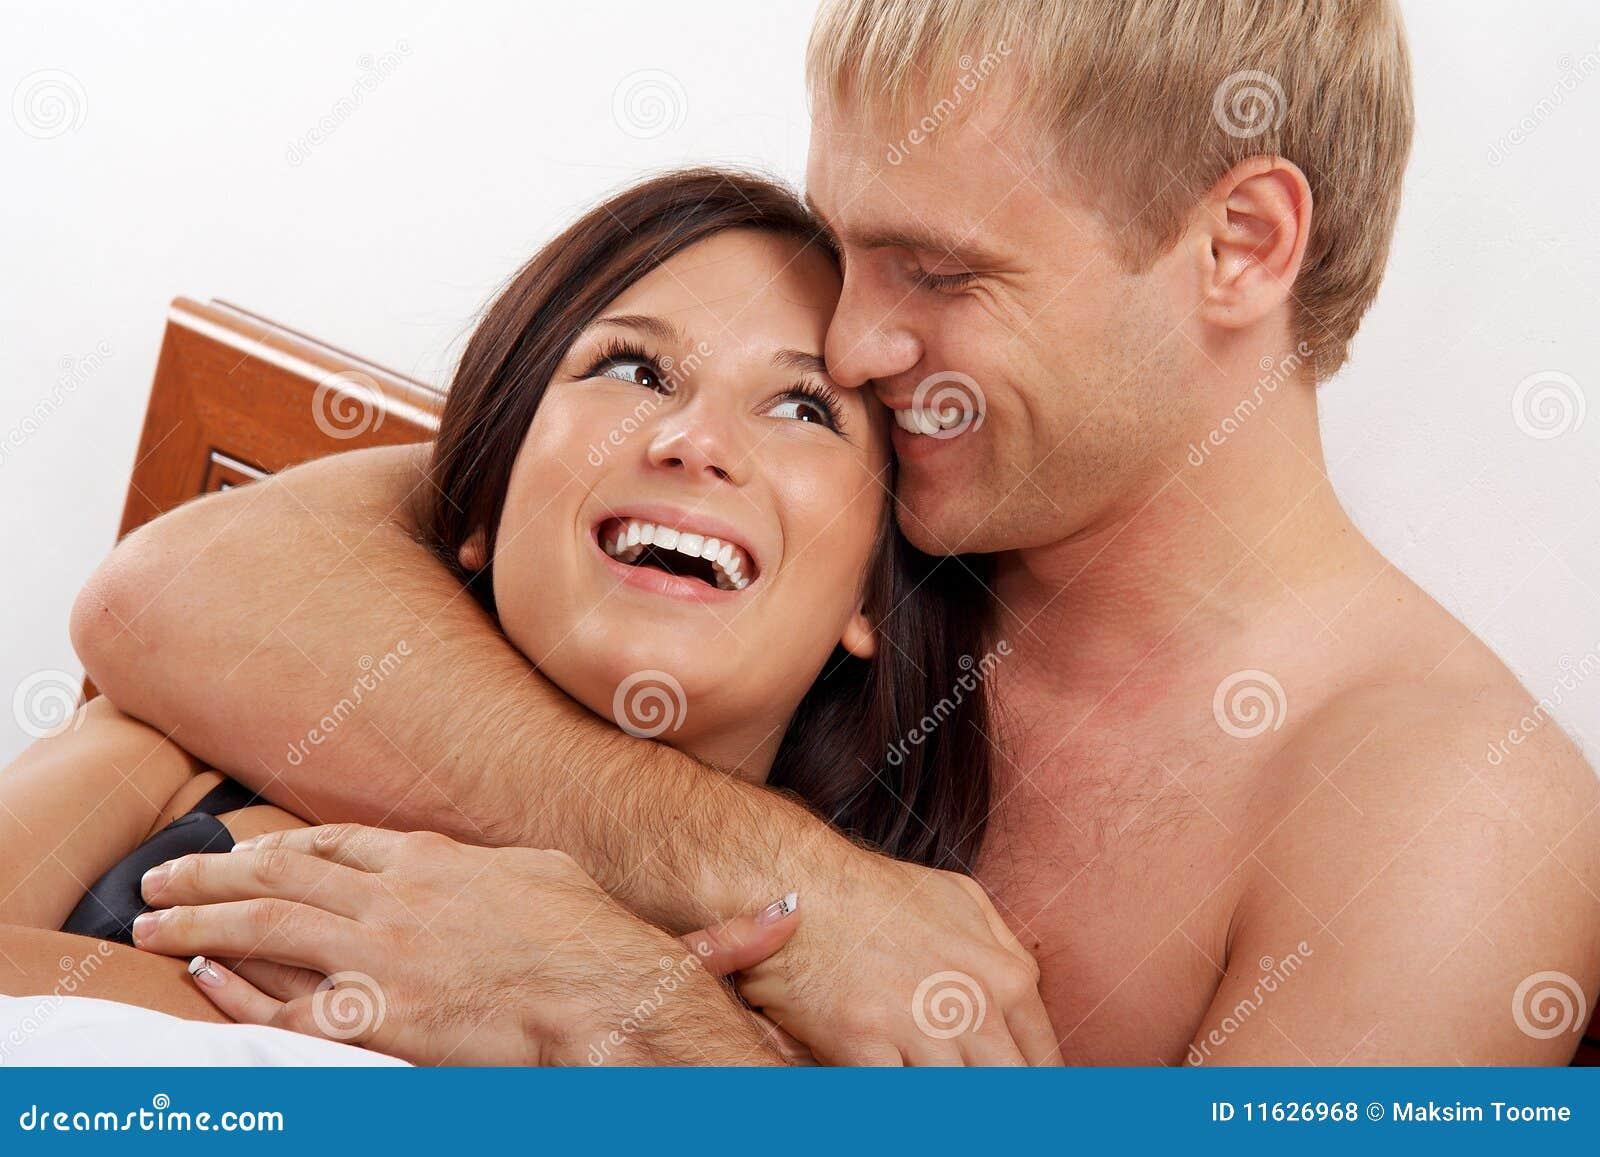 Секс смех фото 7 фотография